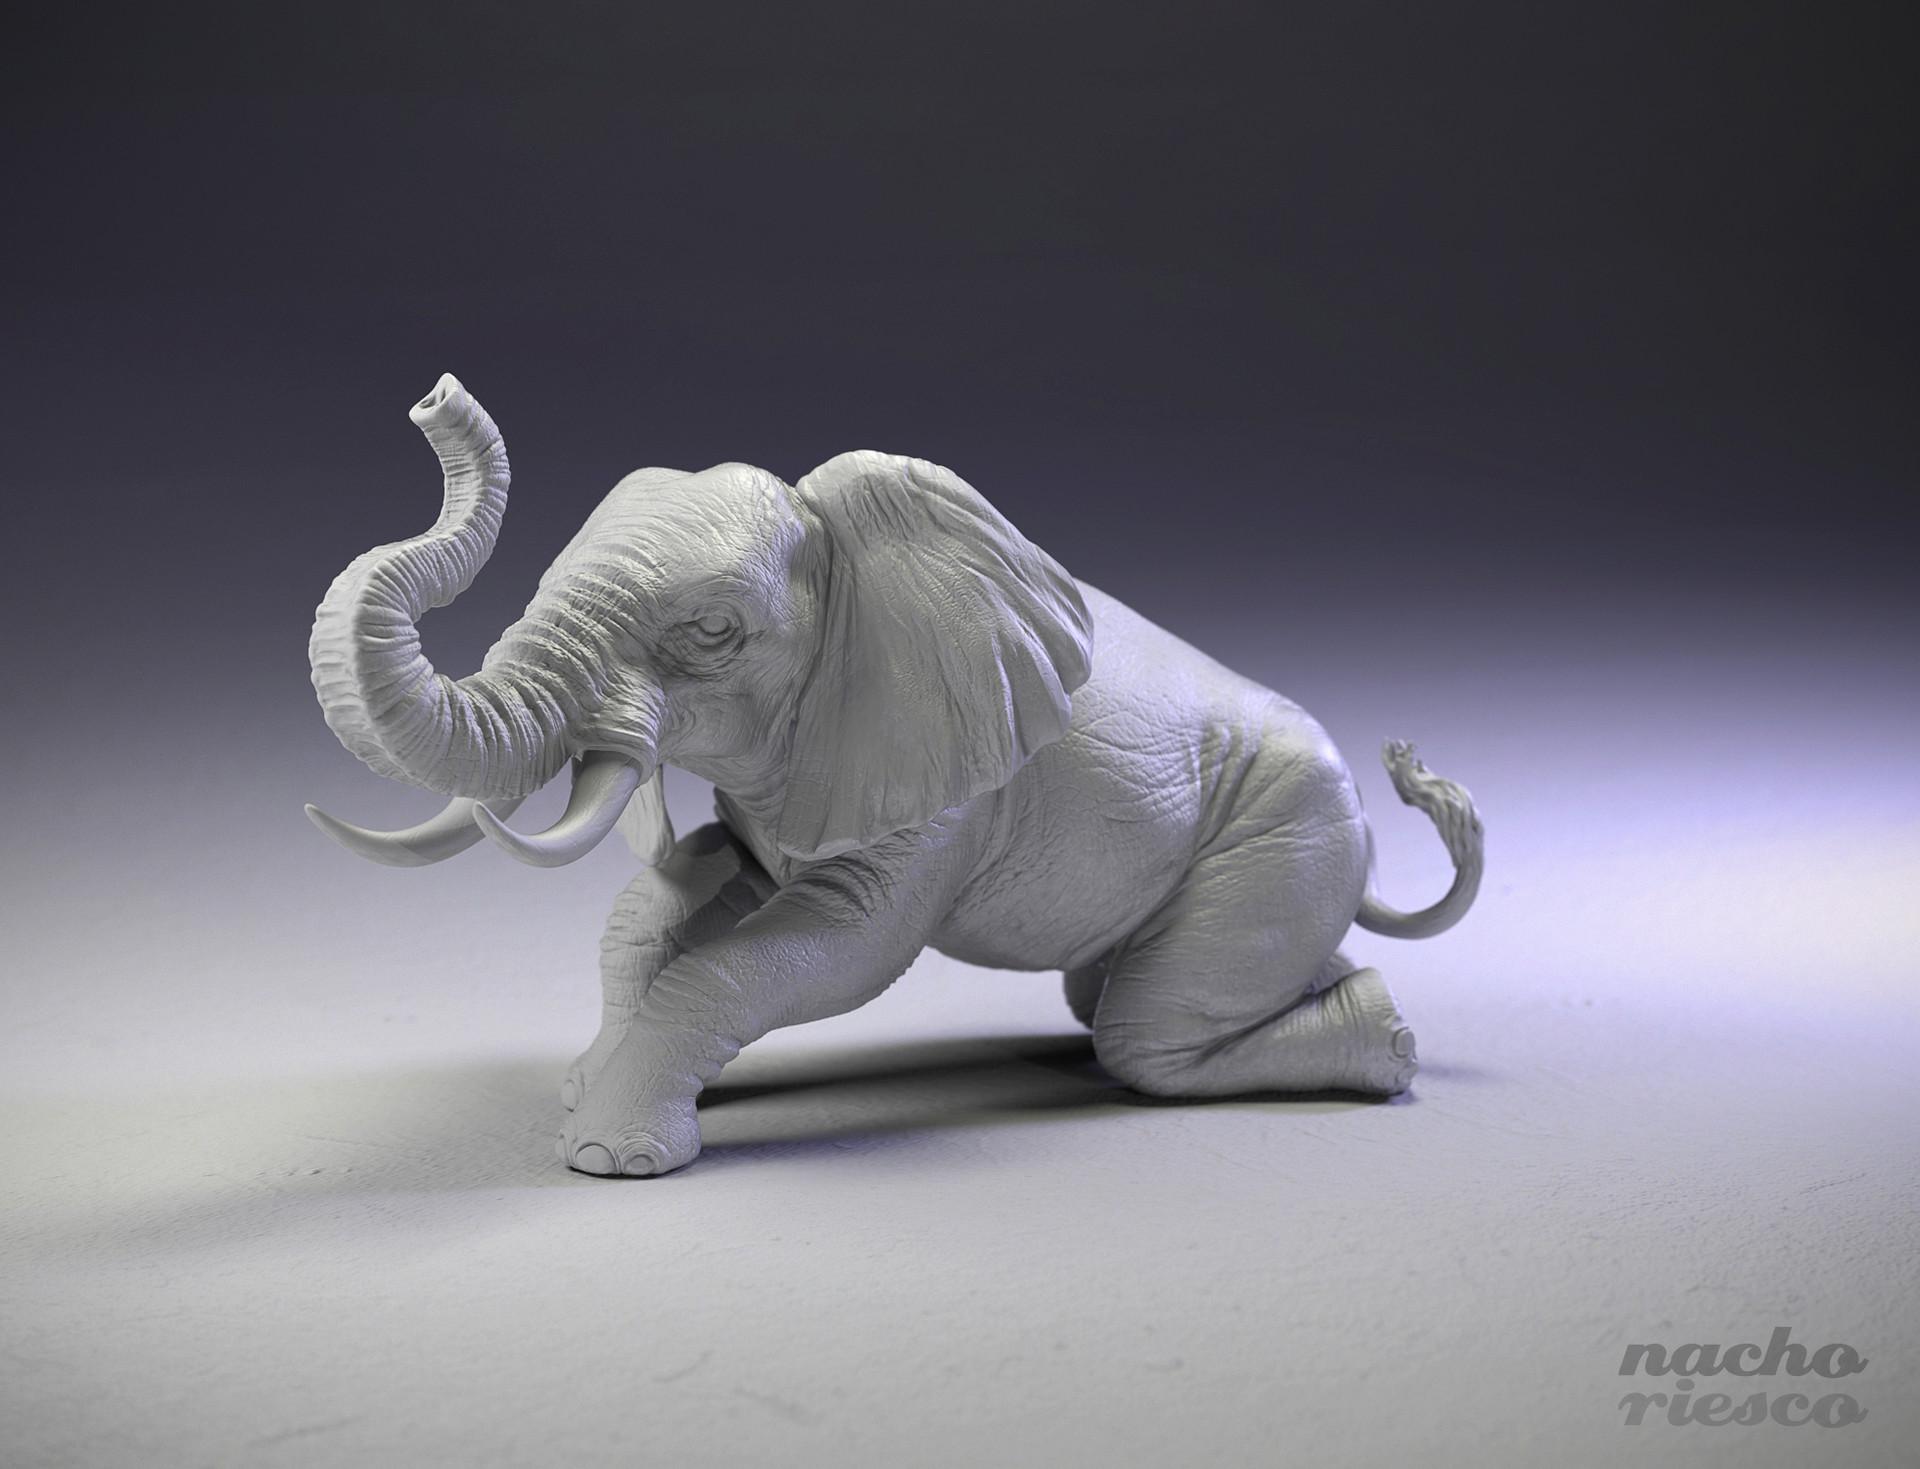 Nacho riesco gostanza elephant3d